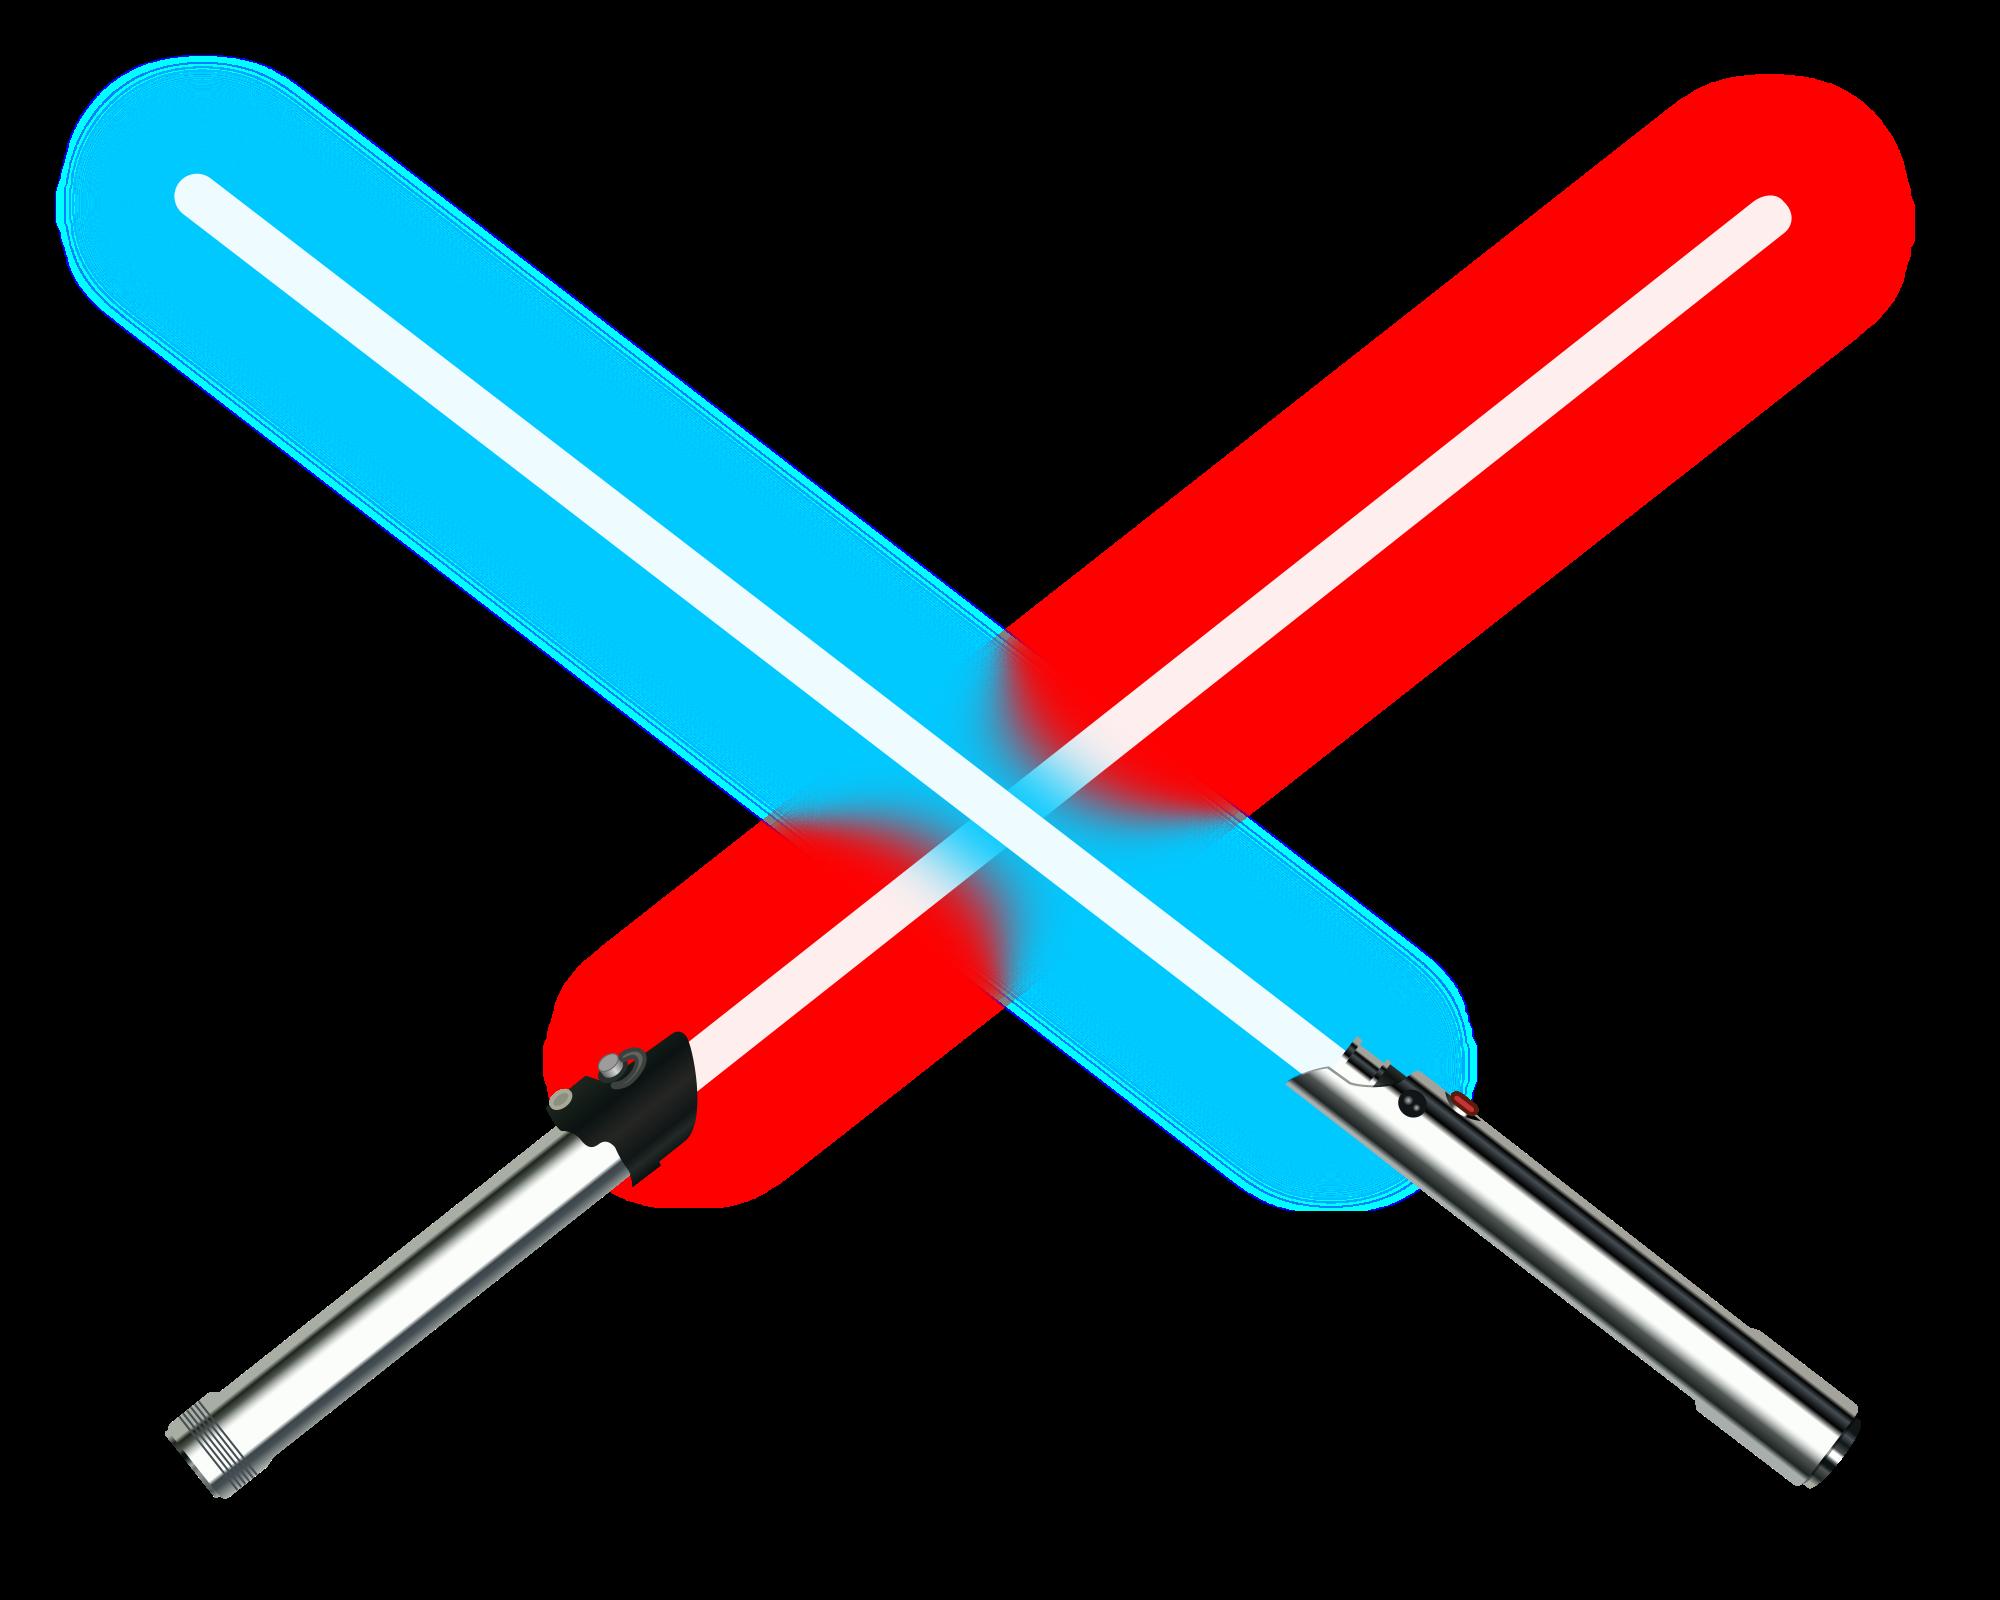 Starwars clipart light saber. File dueling lightsabers svg